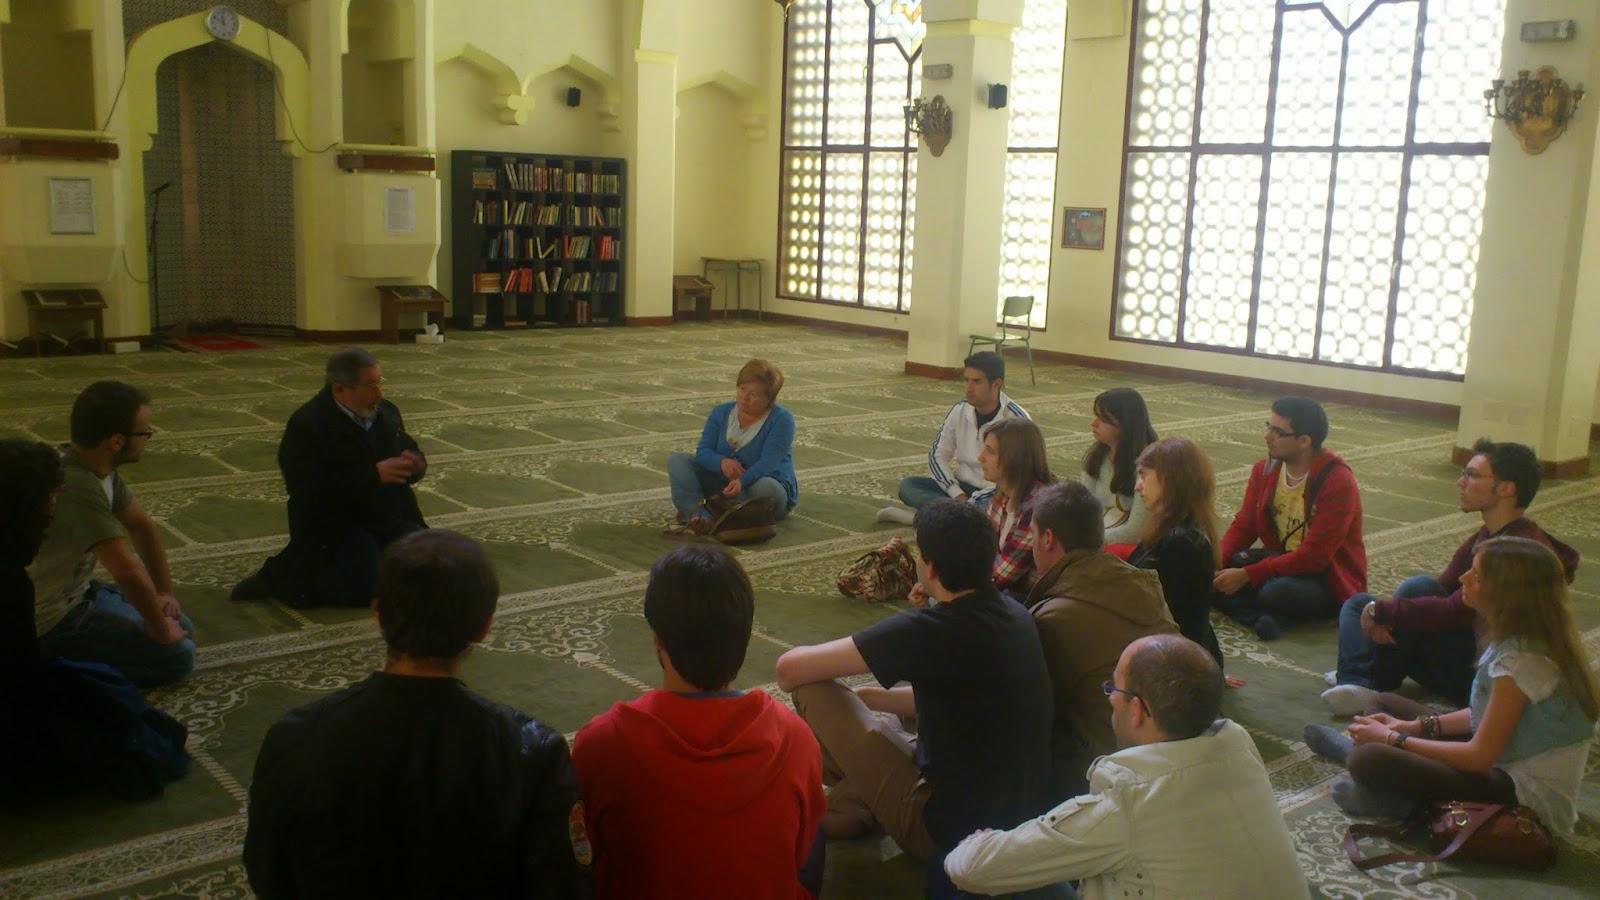 Estudiantes de la Universidad Autónoma de Madrid, visitan la Mezquita Central de Madrid